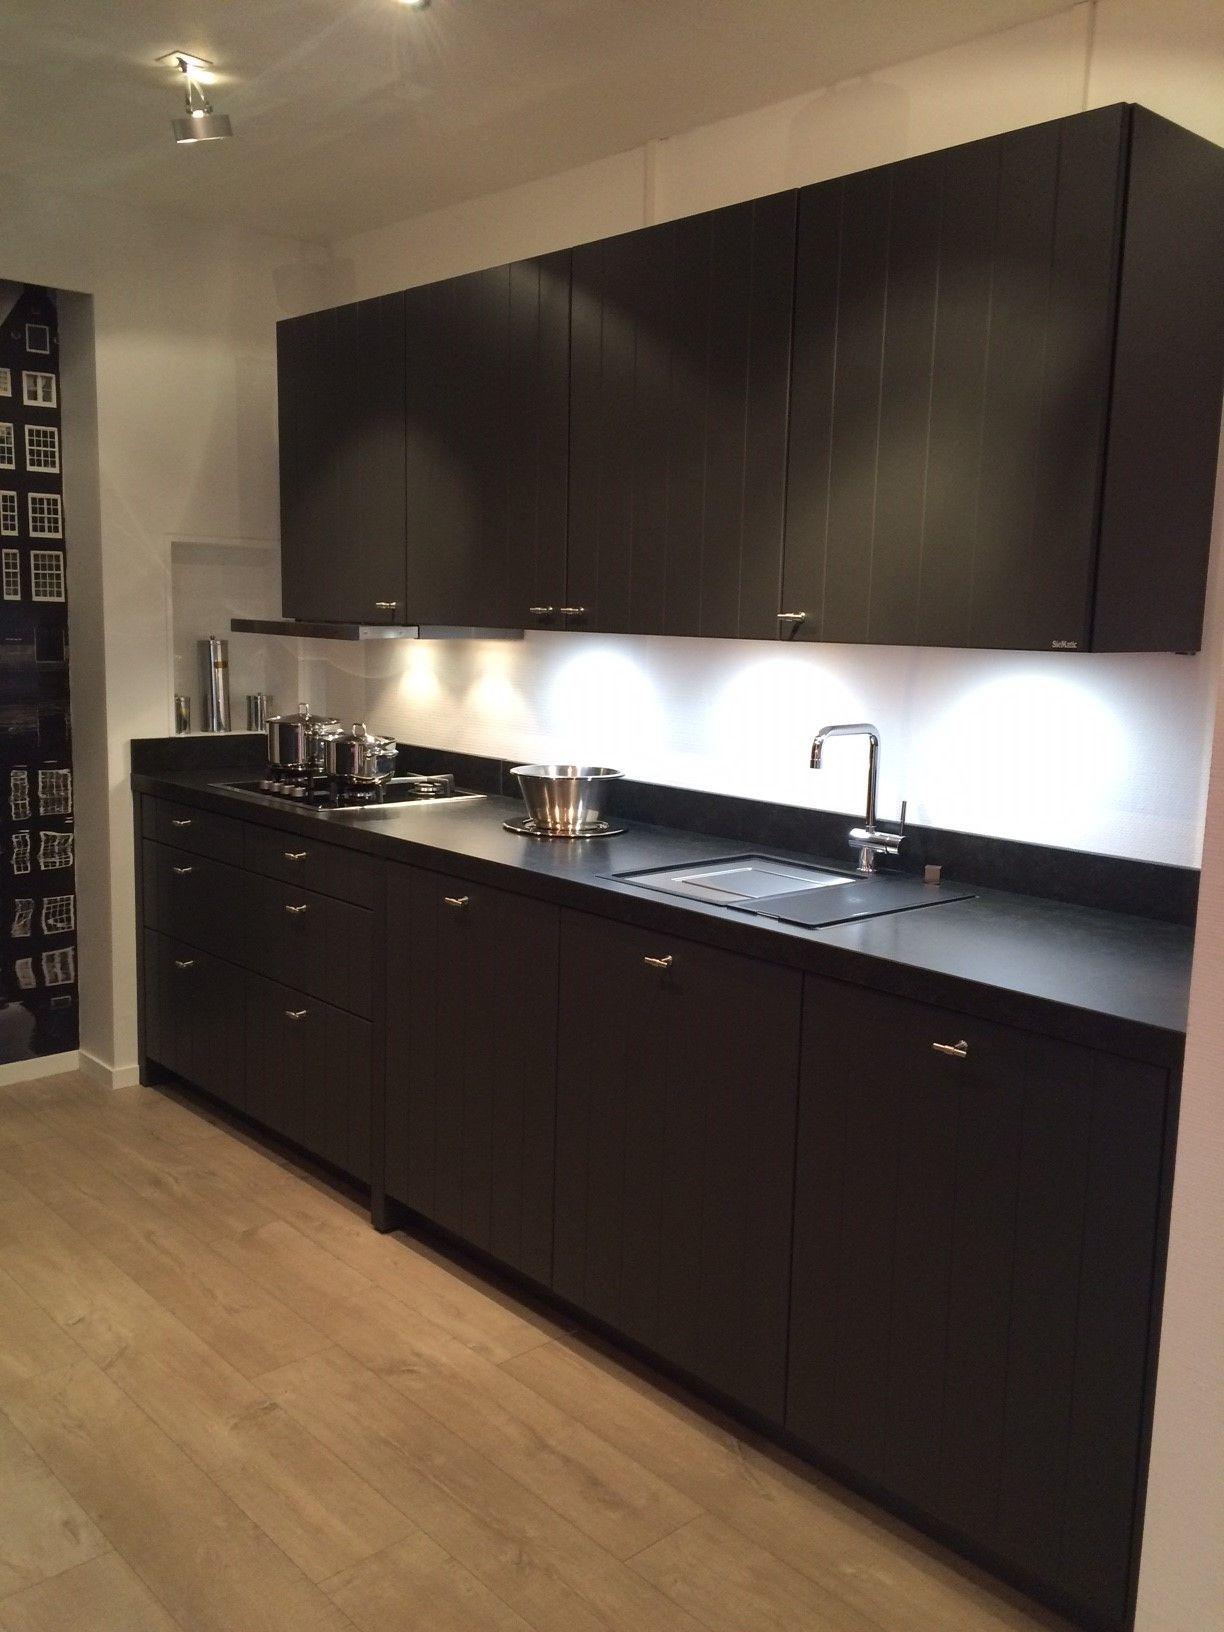 Siematic Keuken Renoveren : SieMatic Studio per direct beschikbaar luxe SieMatic keuken Piet Boon